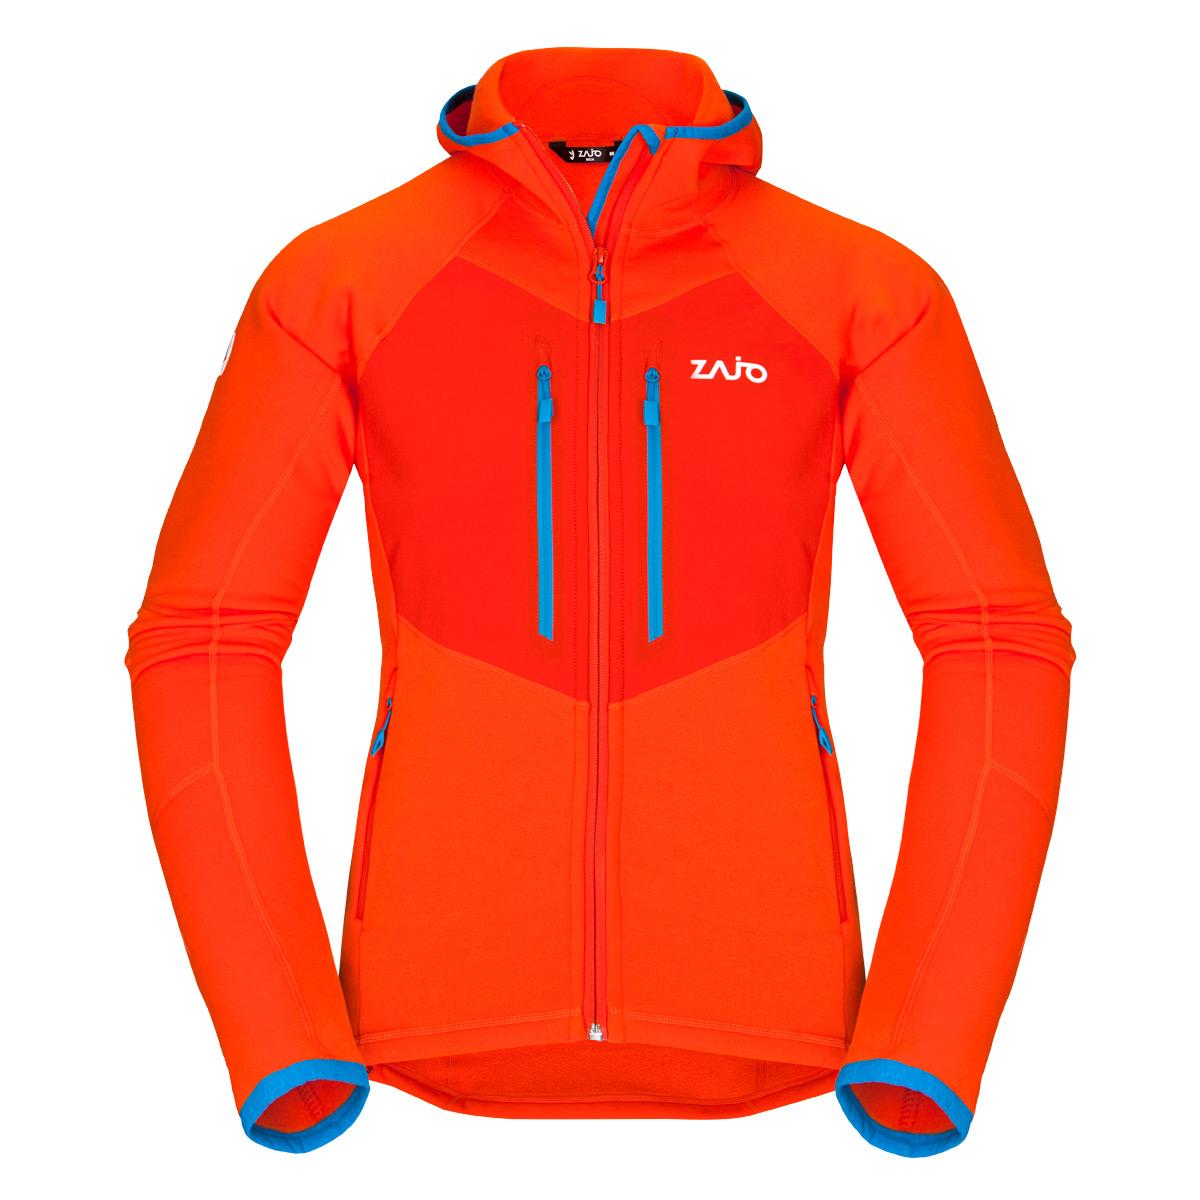 Pánska bunda Zajo Glacier Neo JKT Flame - veľkosť S